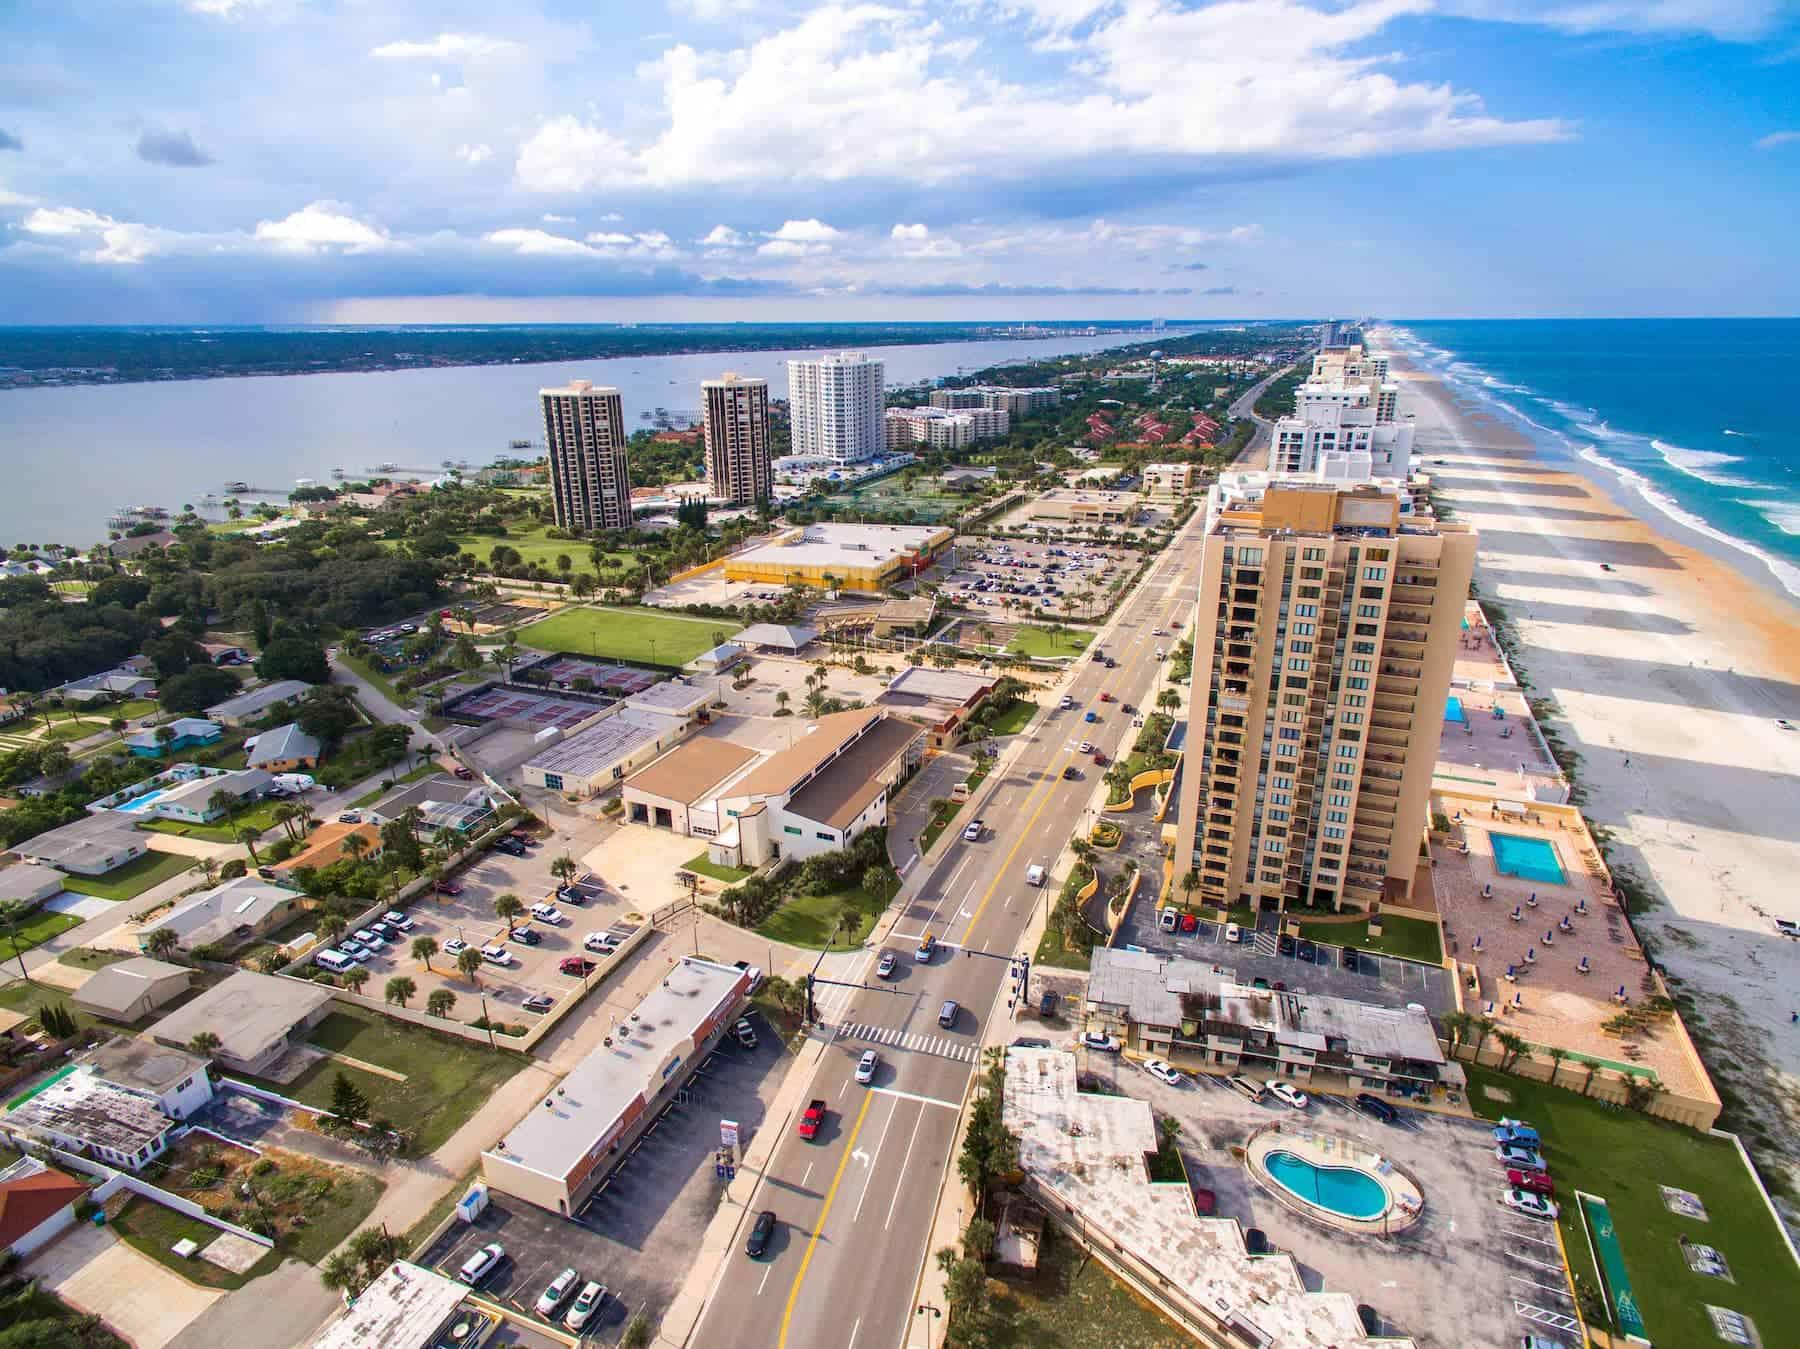 Daytona Beach RoofClaim.com Service Area